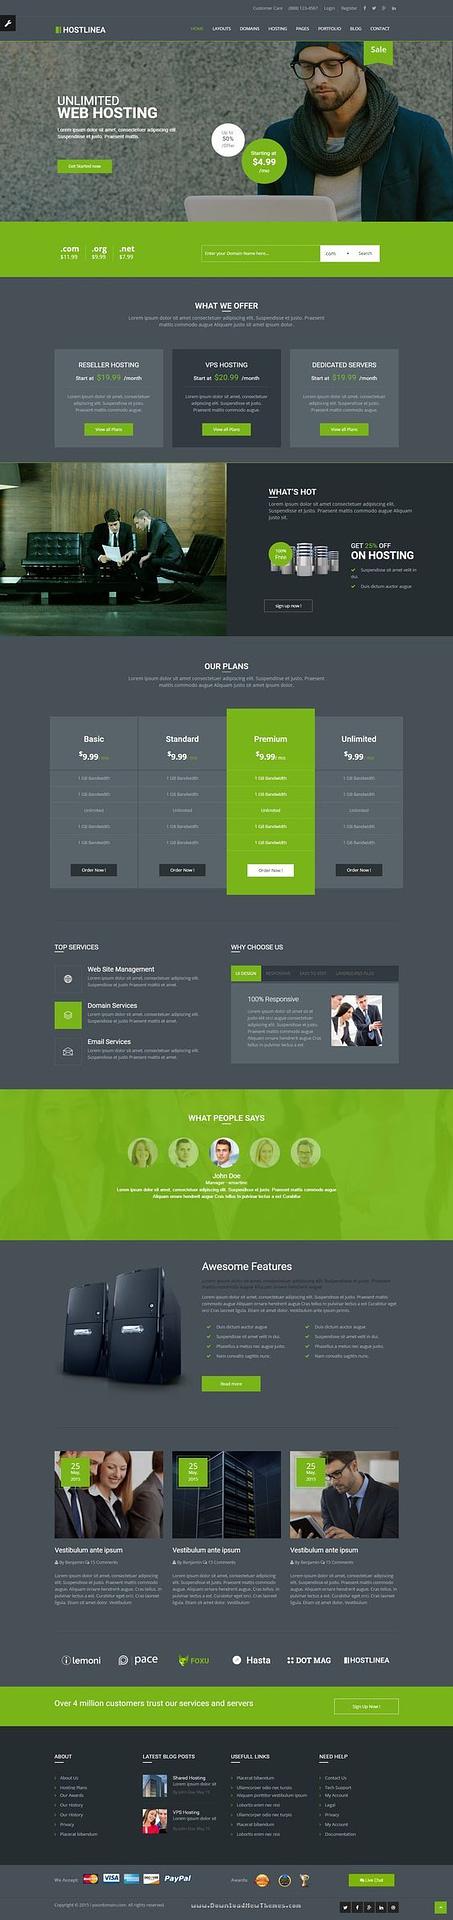 Small Business Website Design Hosting